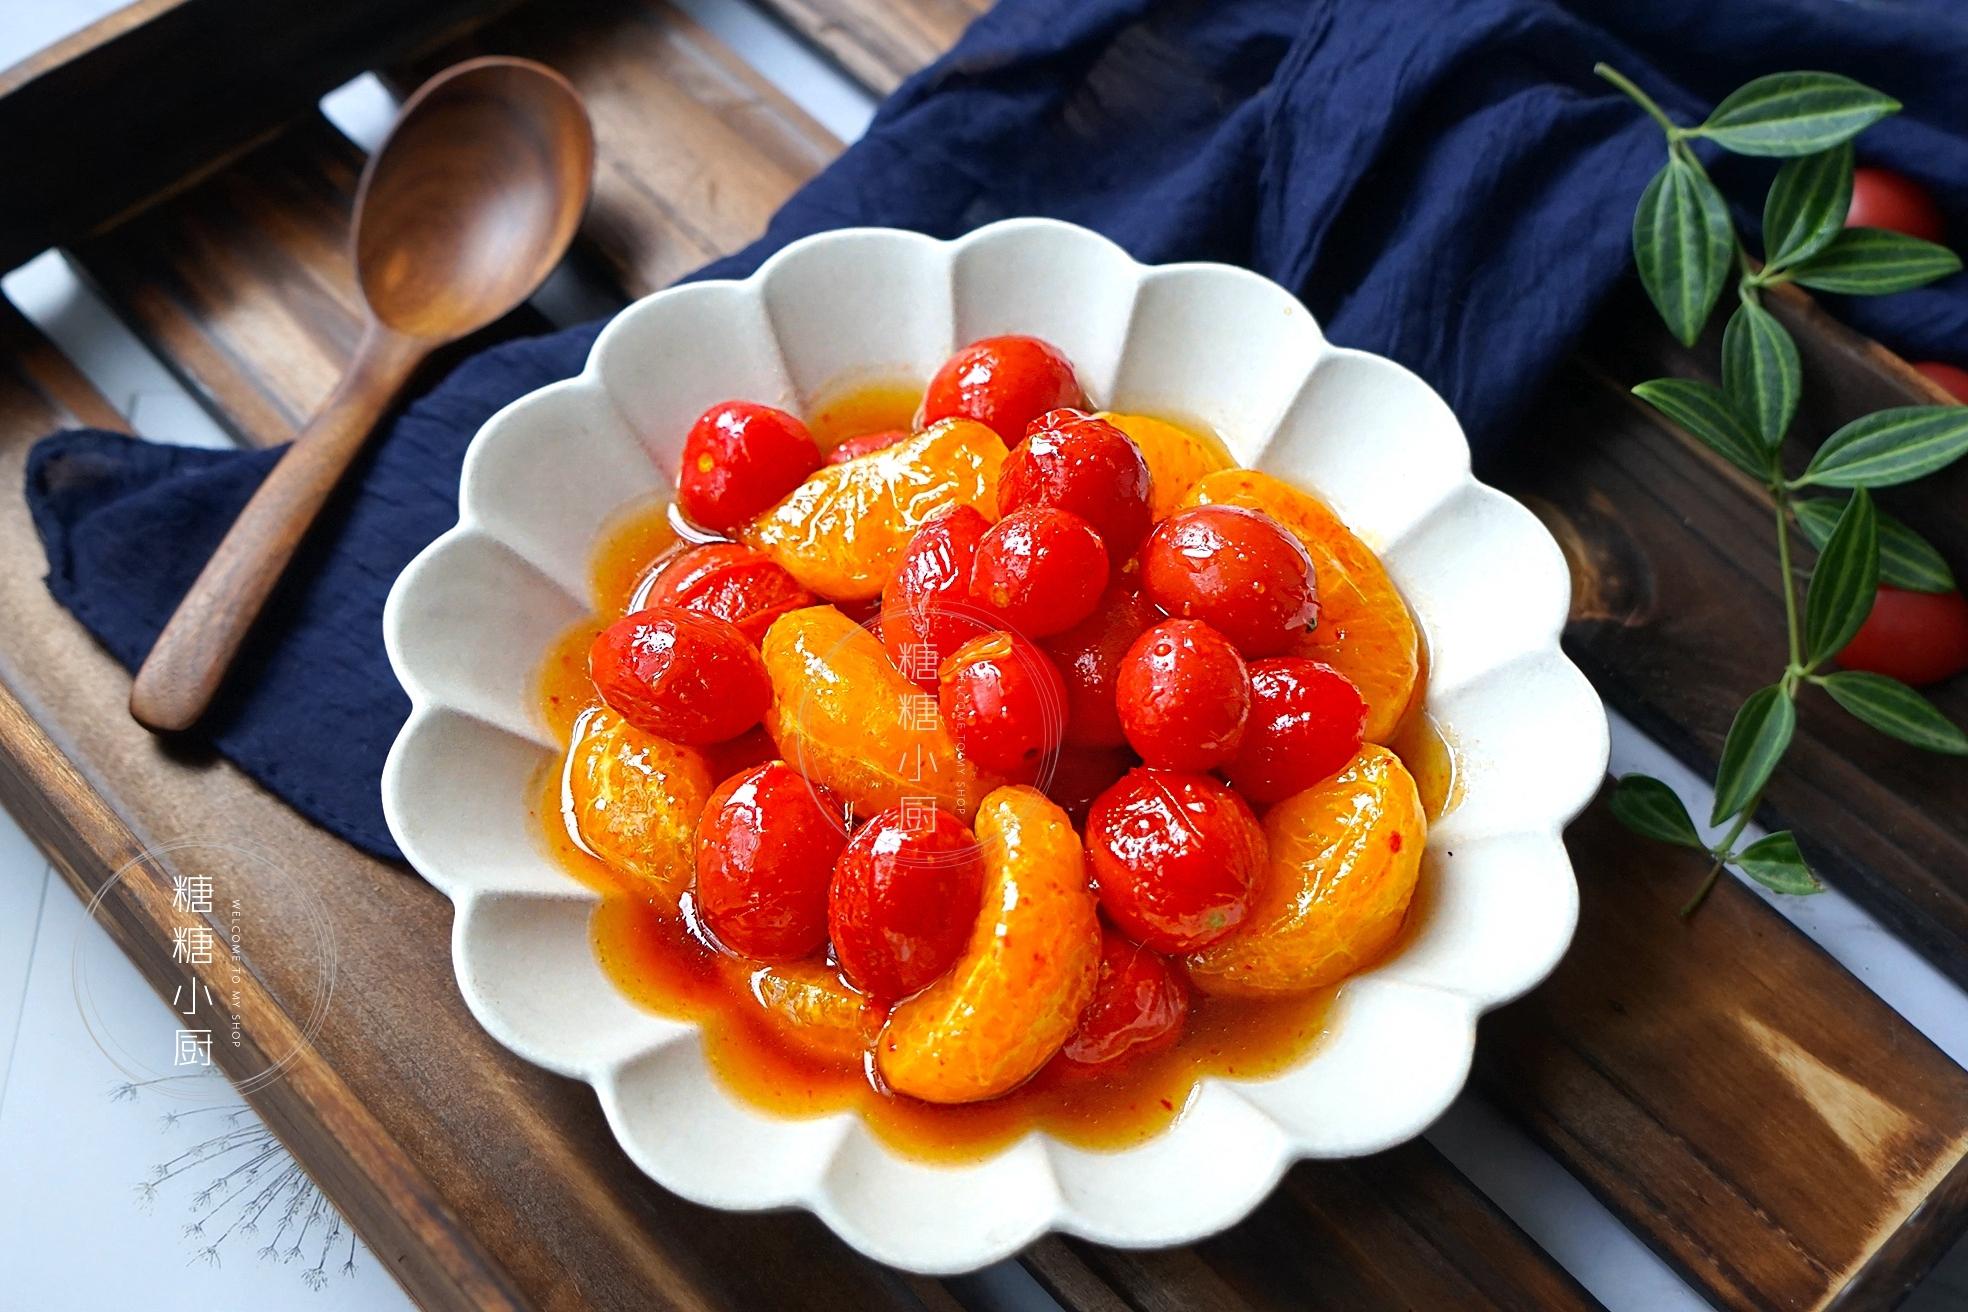 原来水果还能这么吃,比生吃好吃10倍,营养又高,1分钟就学会 美食做法 第1张